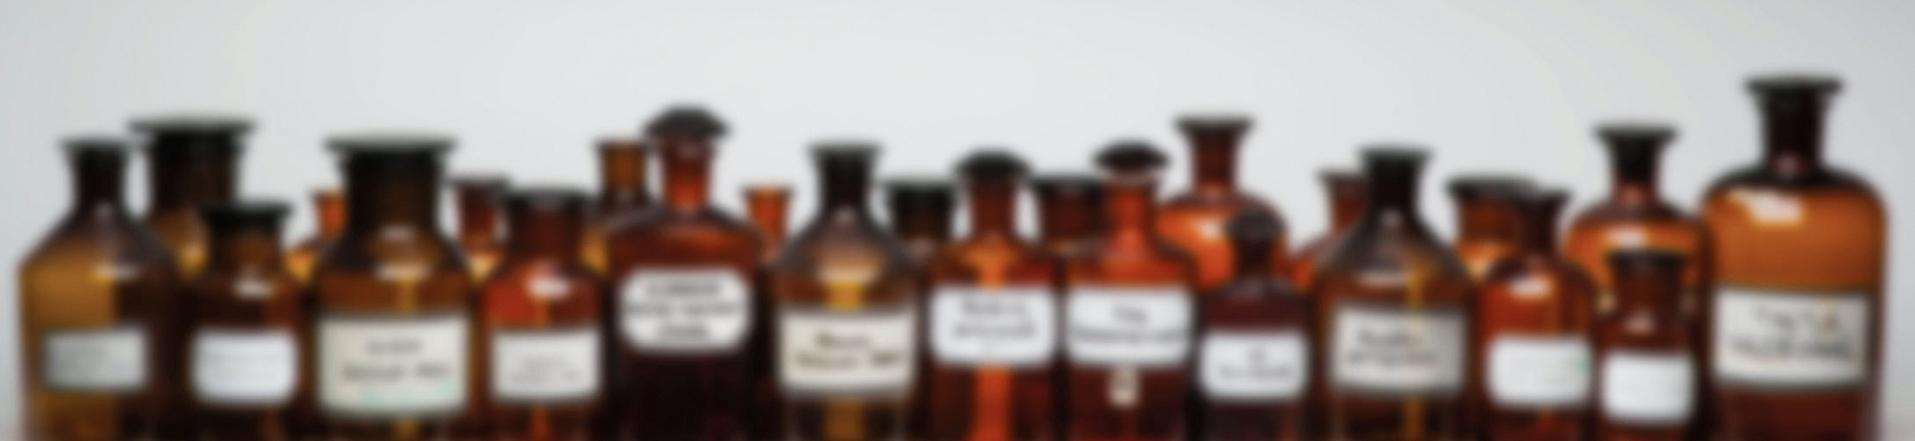 Fidelio Apotheke München Flaschen Header